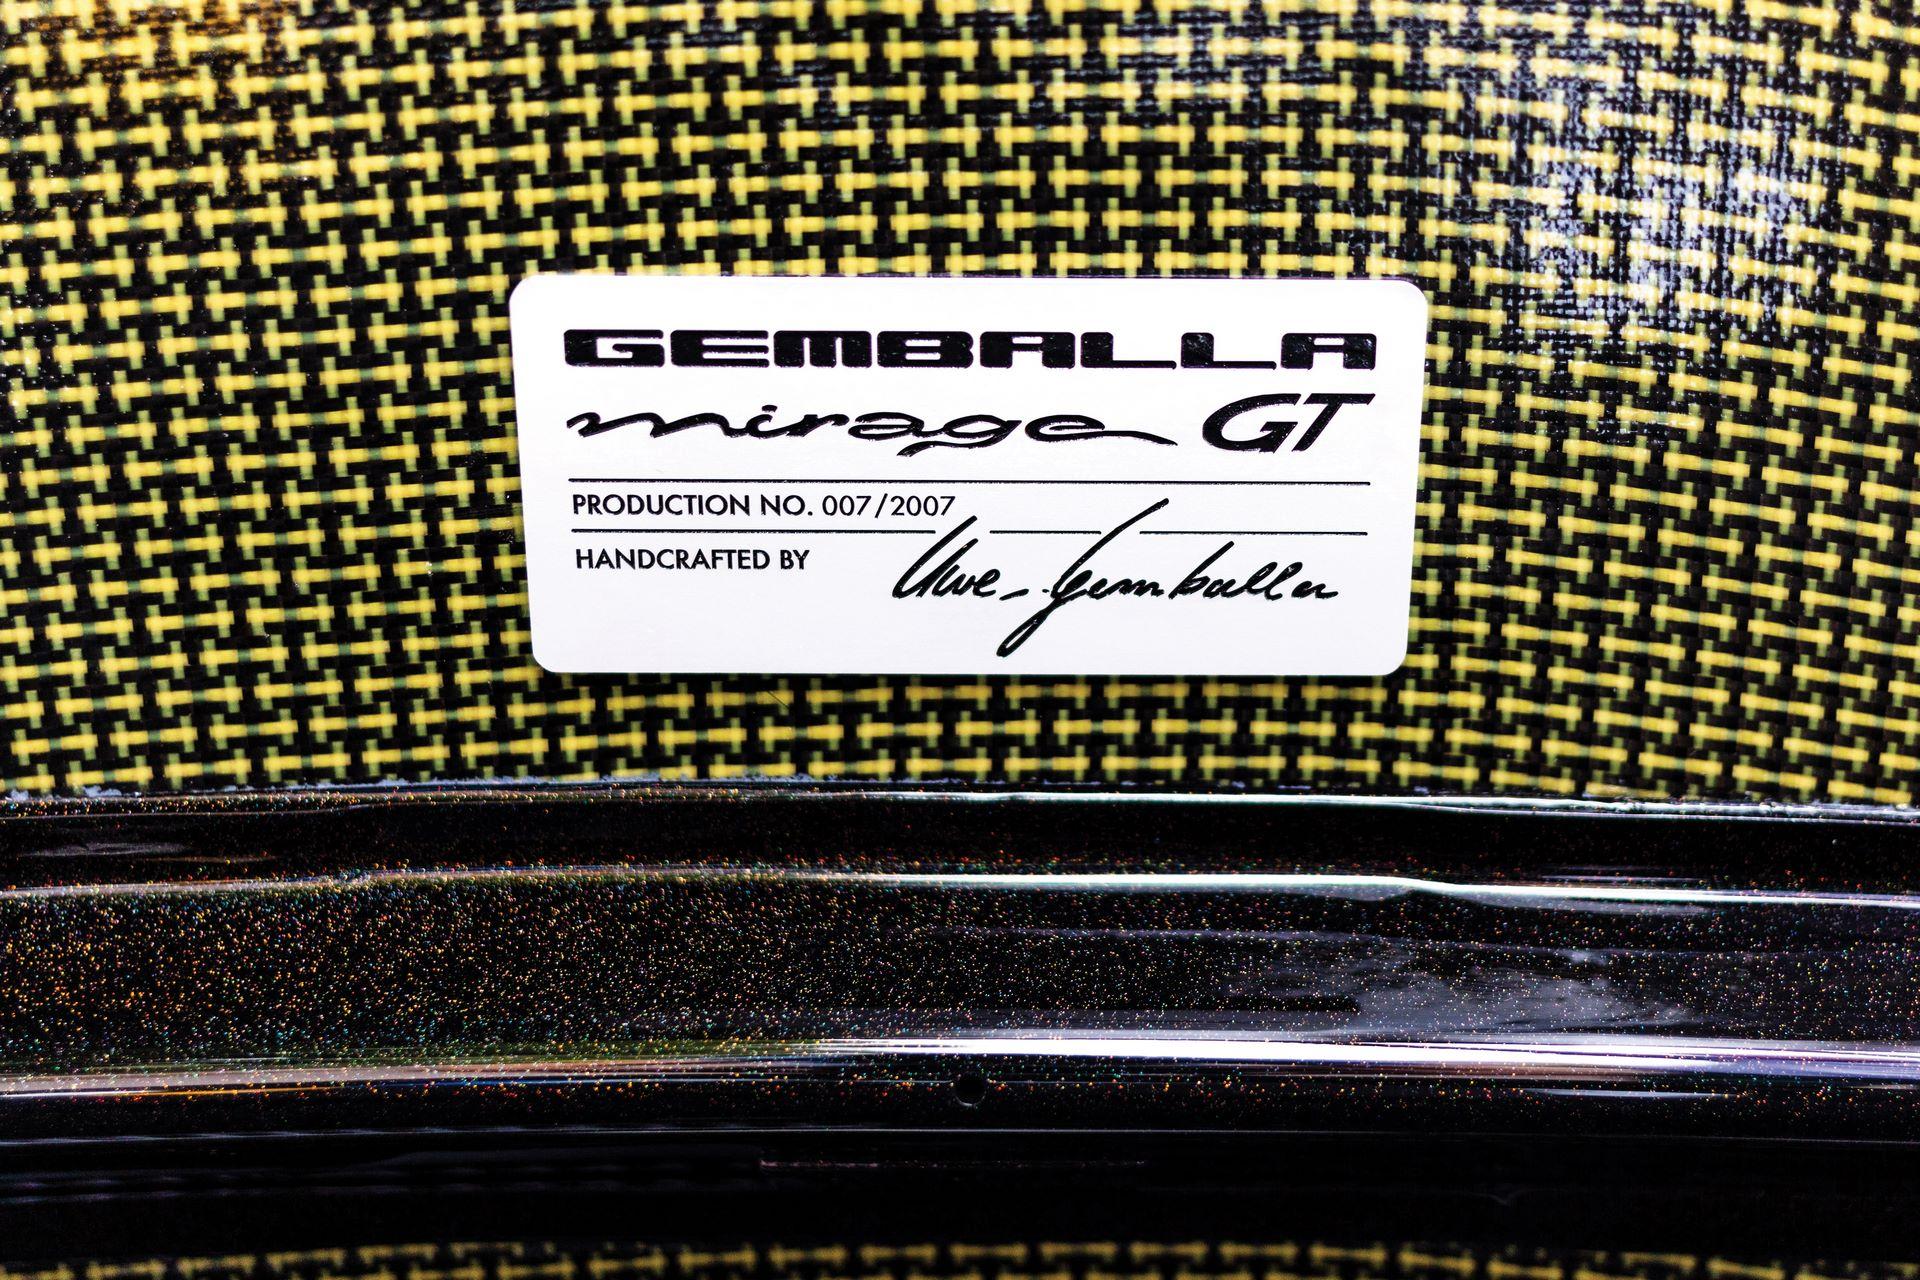 2005-Porsche-Gemballa-Mirage-GT-_29